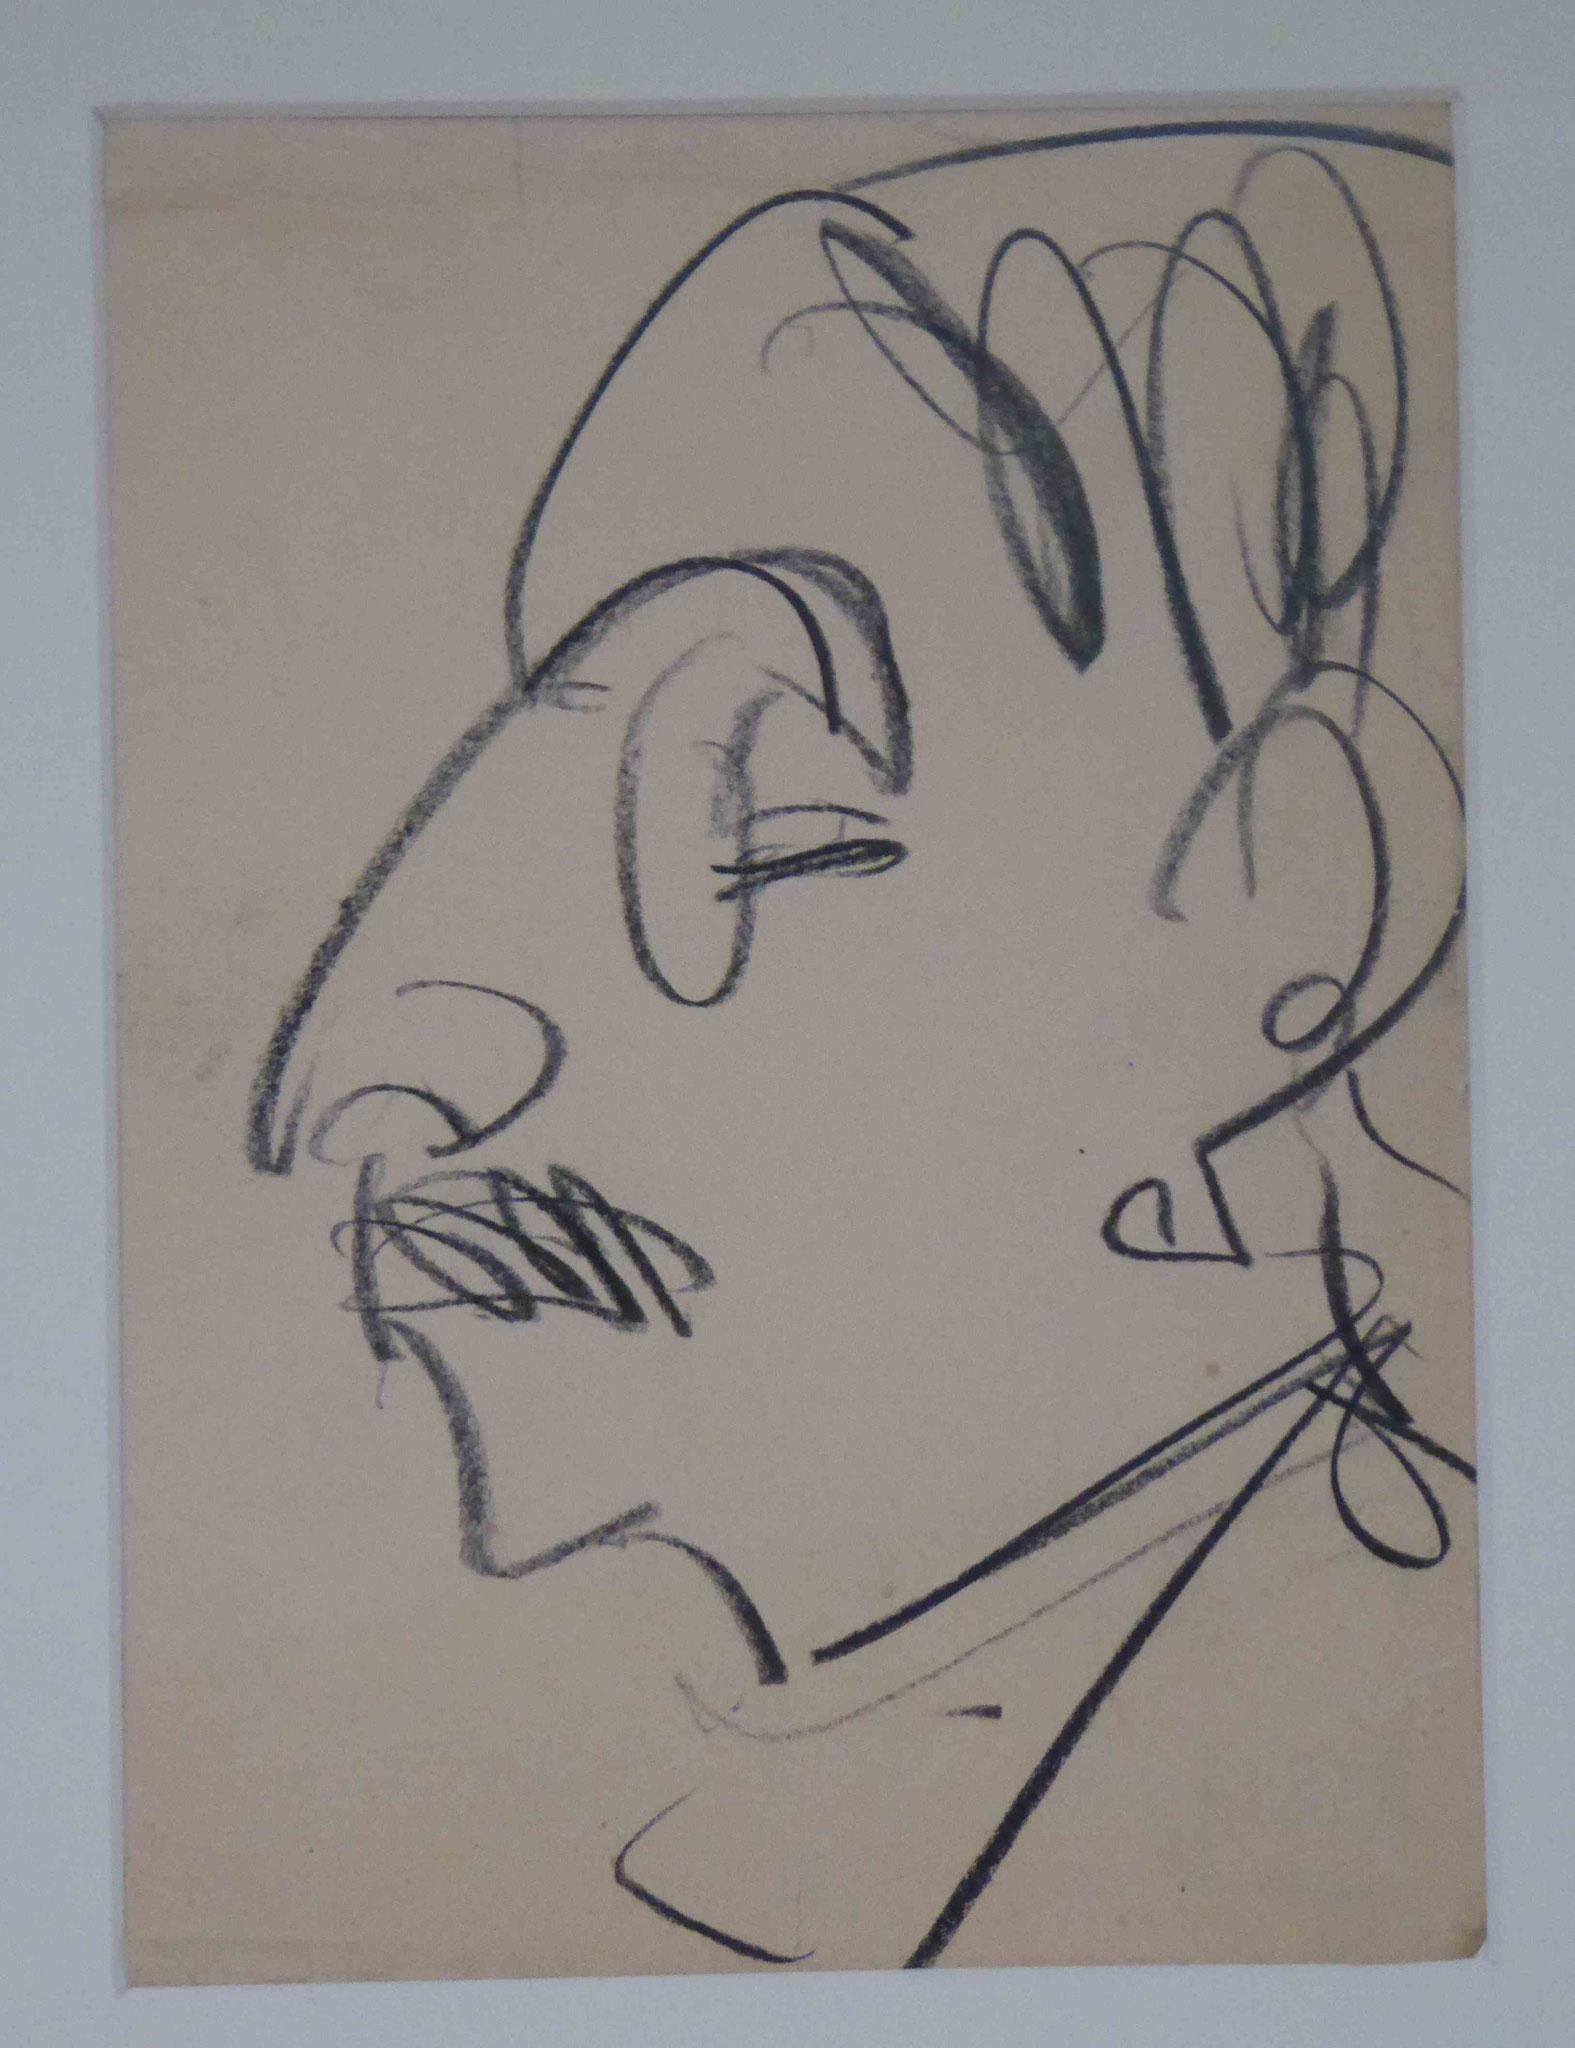 Porträt Liebermann, Ernst Ludwig Kirchner, Neue Nationalgalerie Berlin